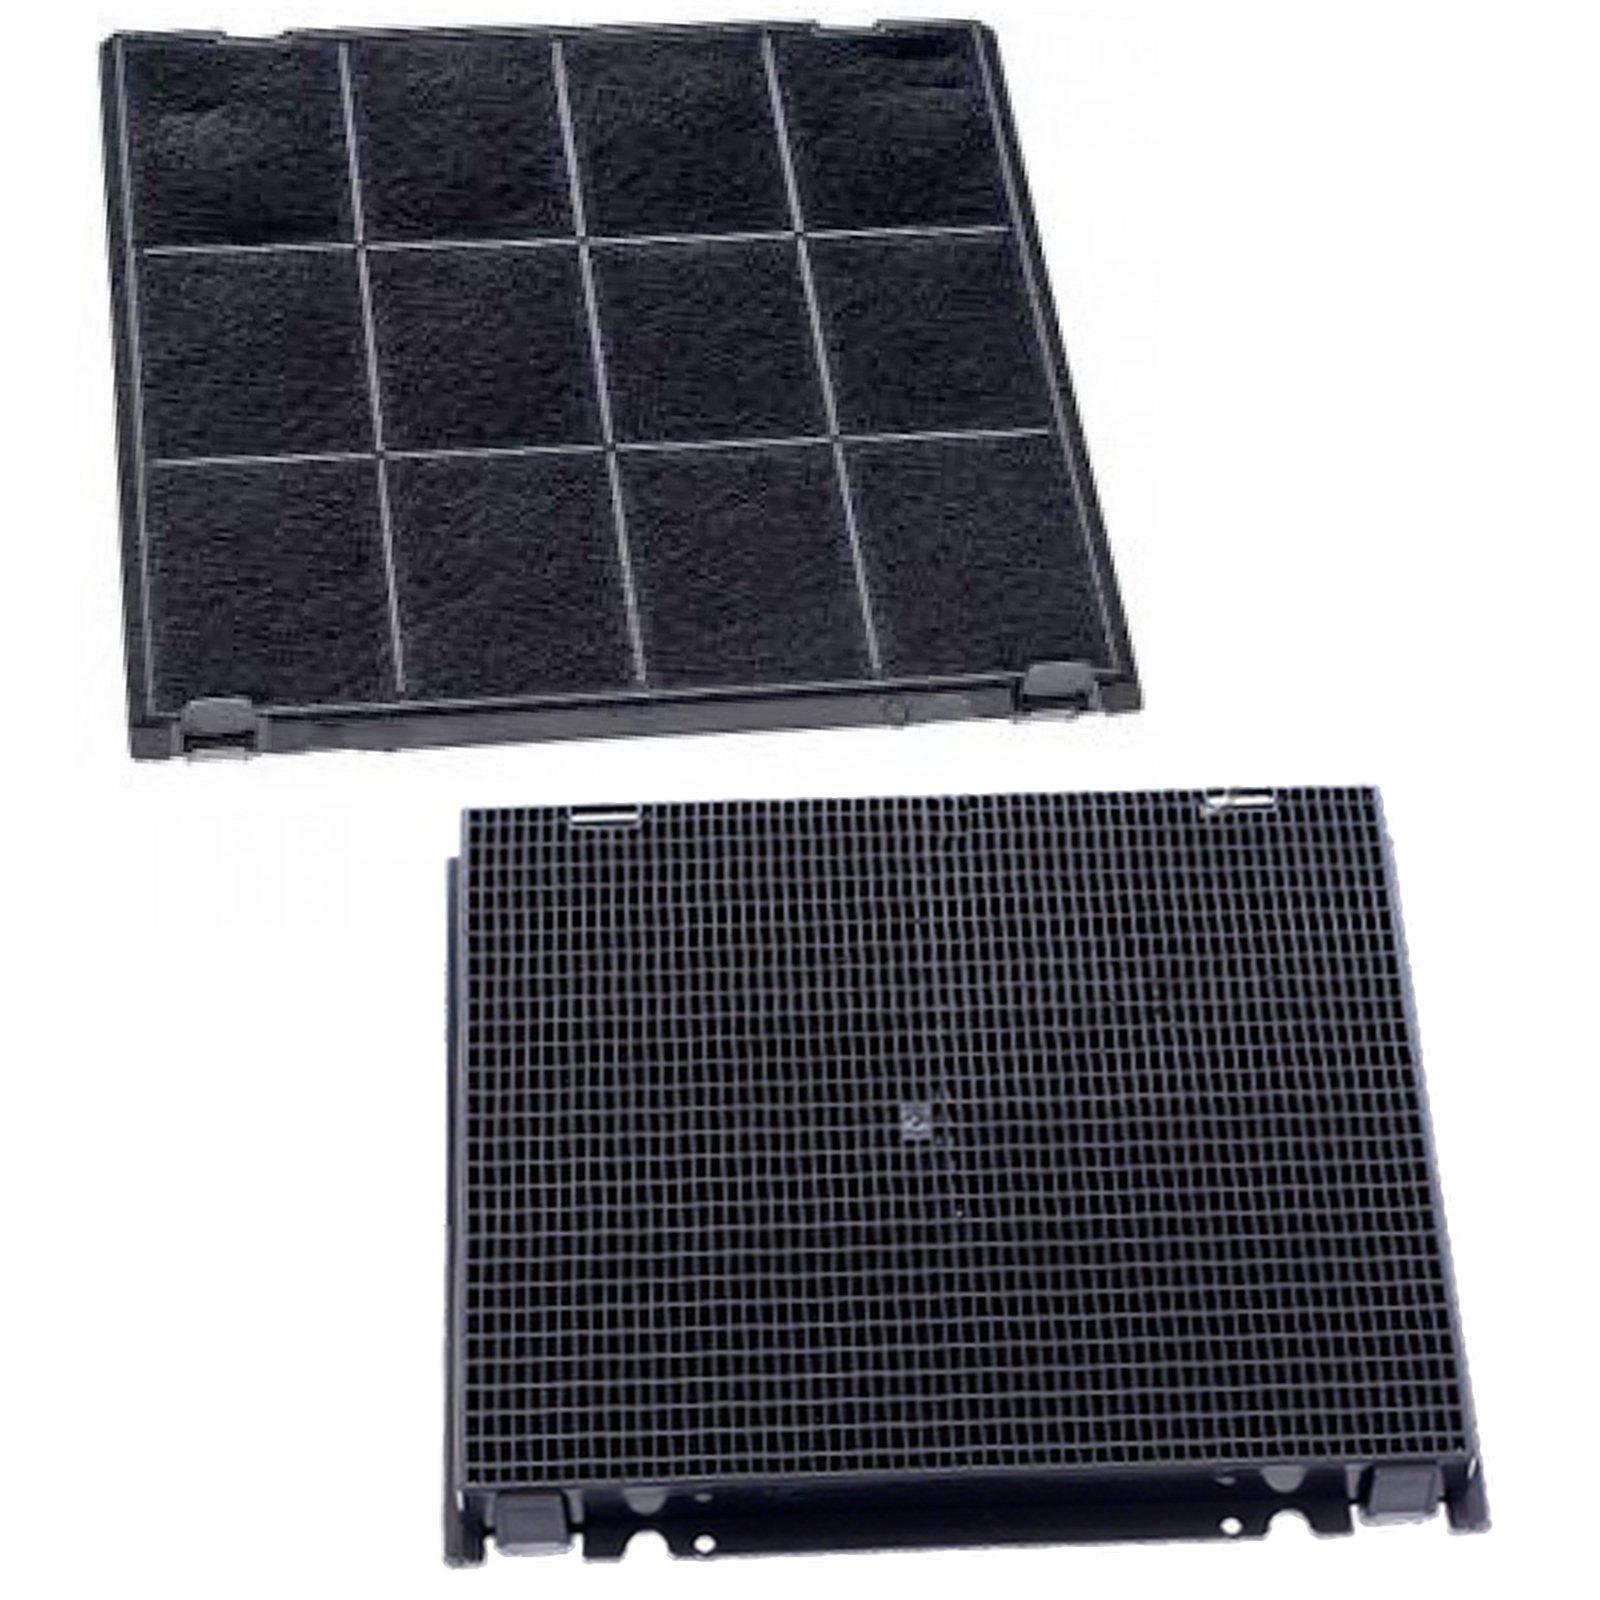 Spares2go - Filtro de carbón para campana extractora Hotpoint-Ariston (240 x 270 mm, 2 unidades): Amazon.es: Hogar